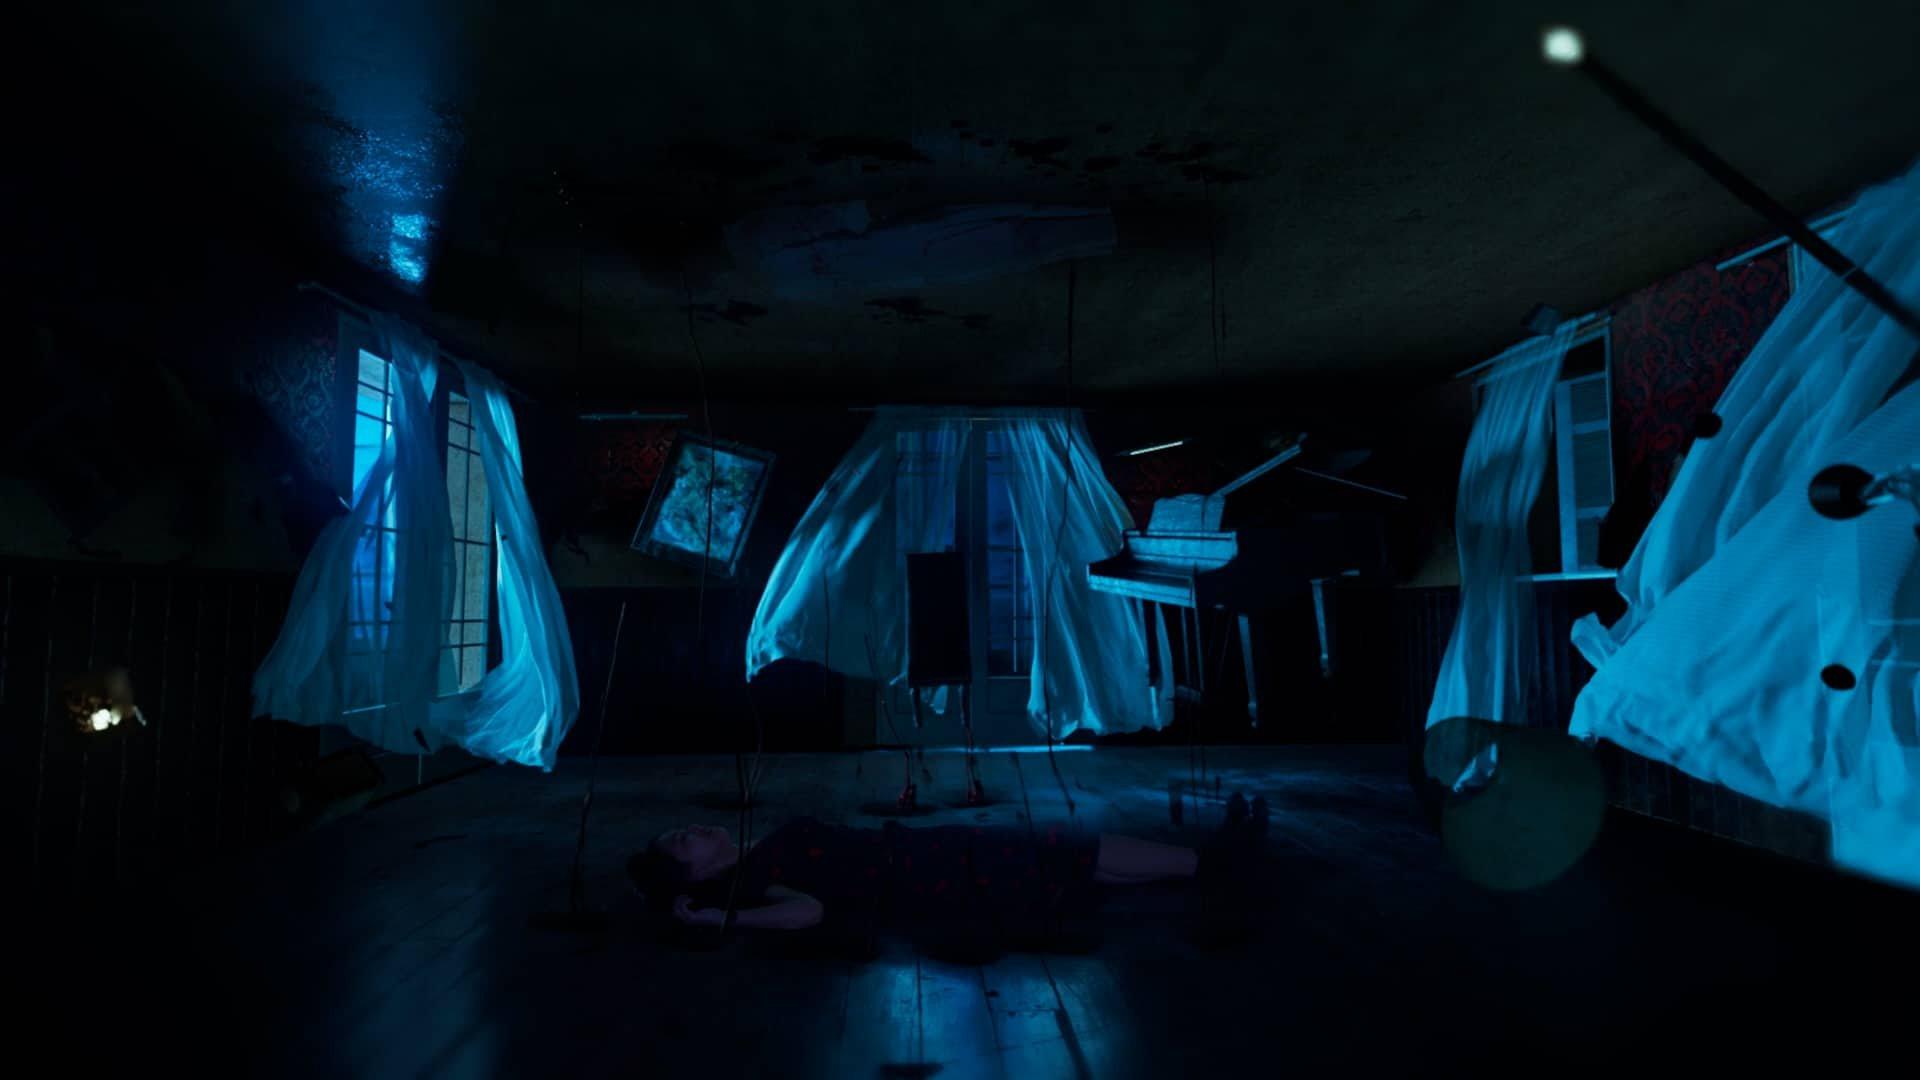 Liên Bỉnh Phát – Yu Dương lần đầu nên duyên trong phim điện ảnh kinh dị chiếu mạng - hình ảnh 1